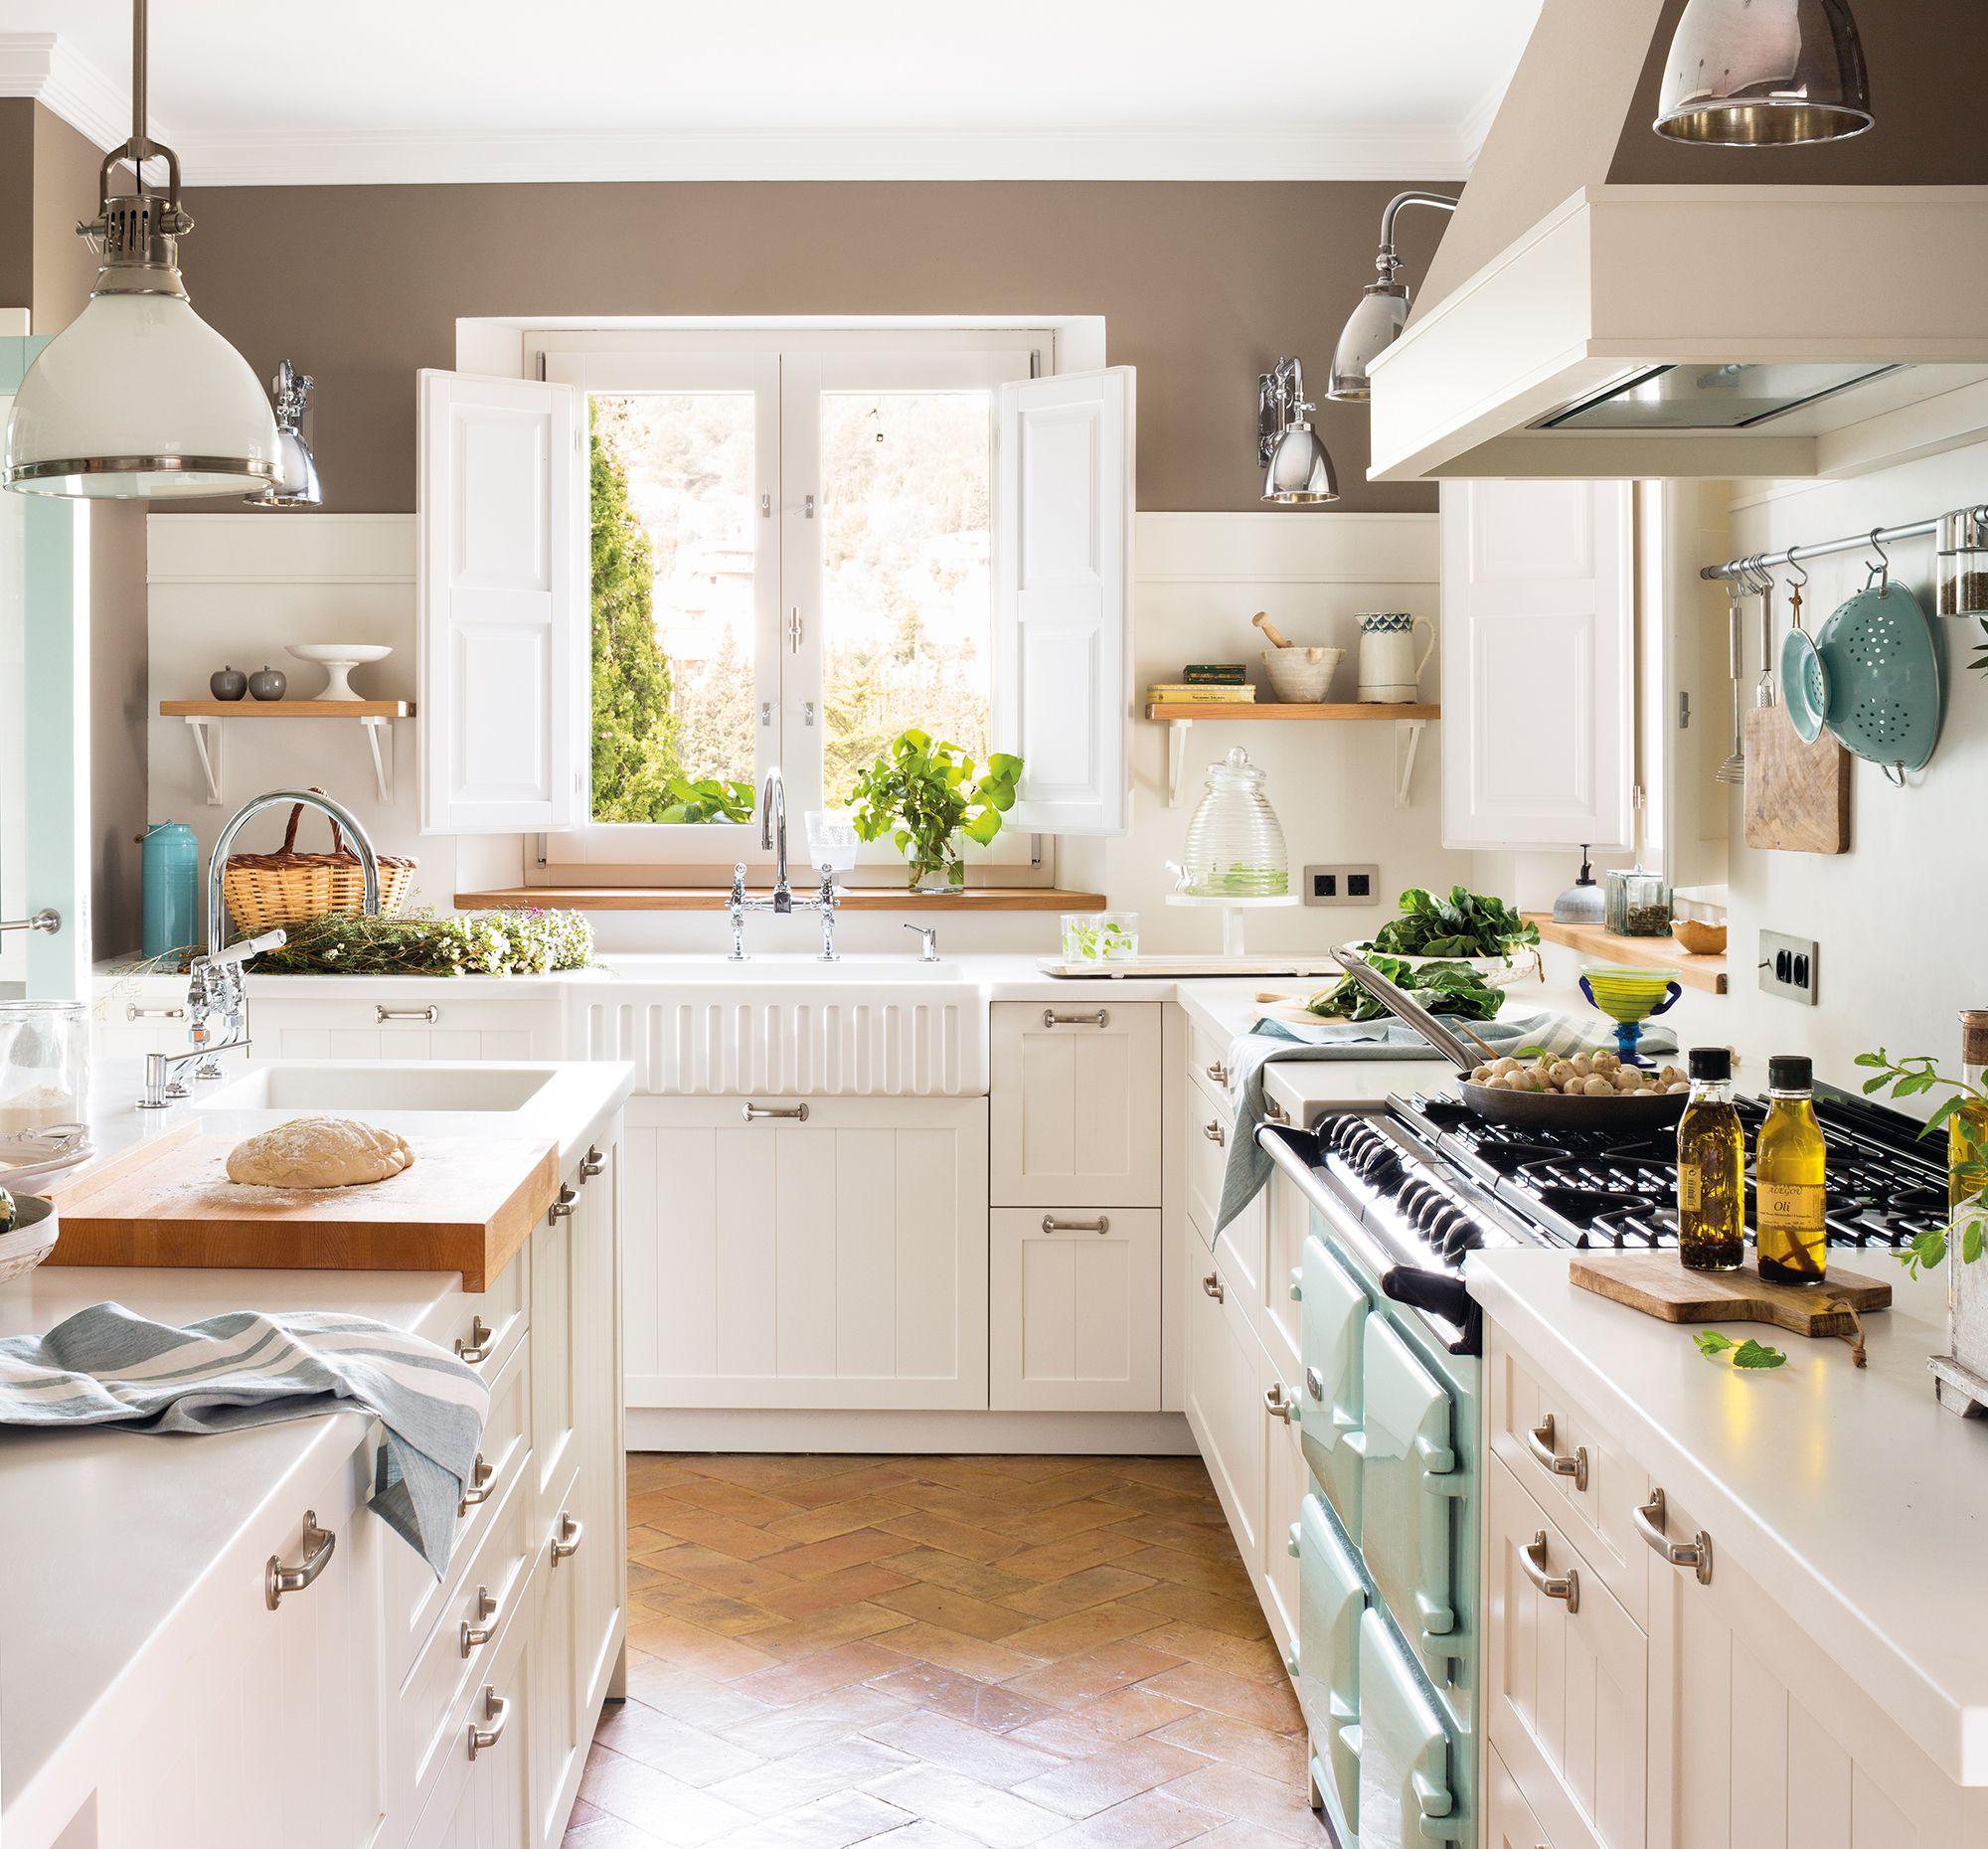 Cocina Con Muebles En Blanco Y Pared En Piedra Cocinas  ~ Soluciones Para Cocinas Muy Pequeñas